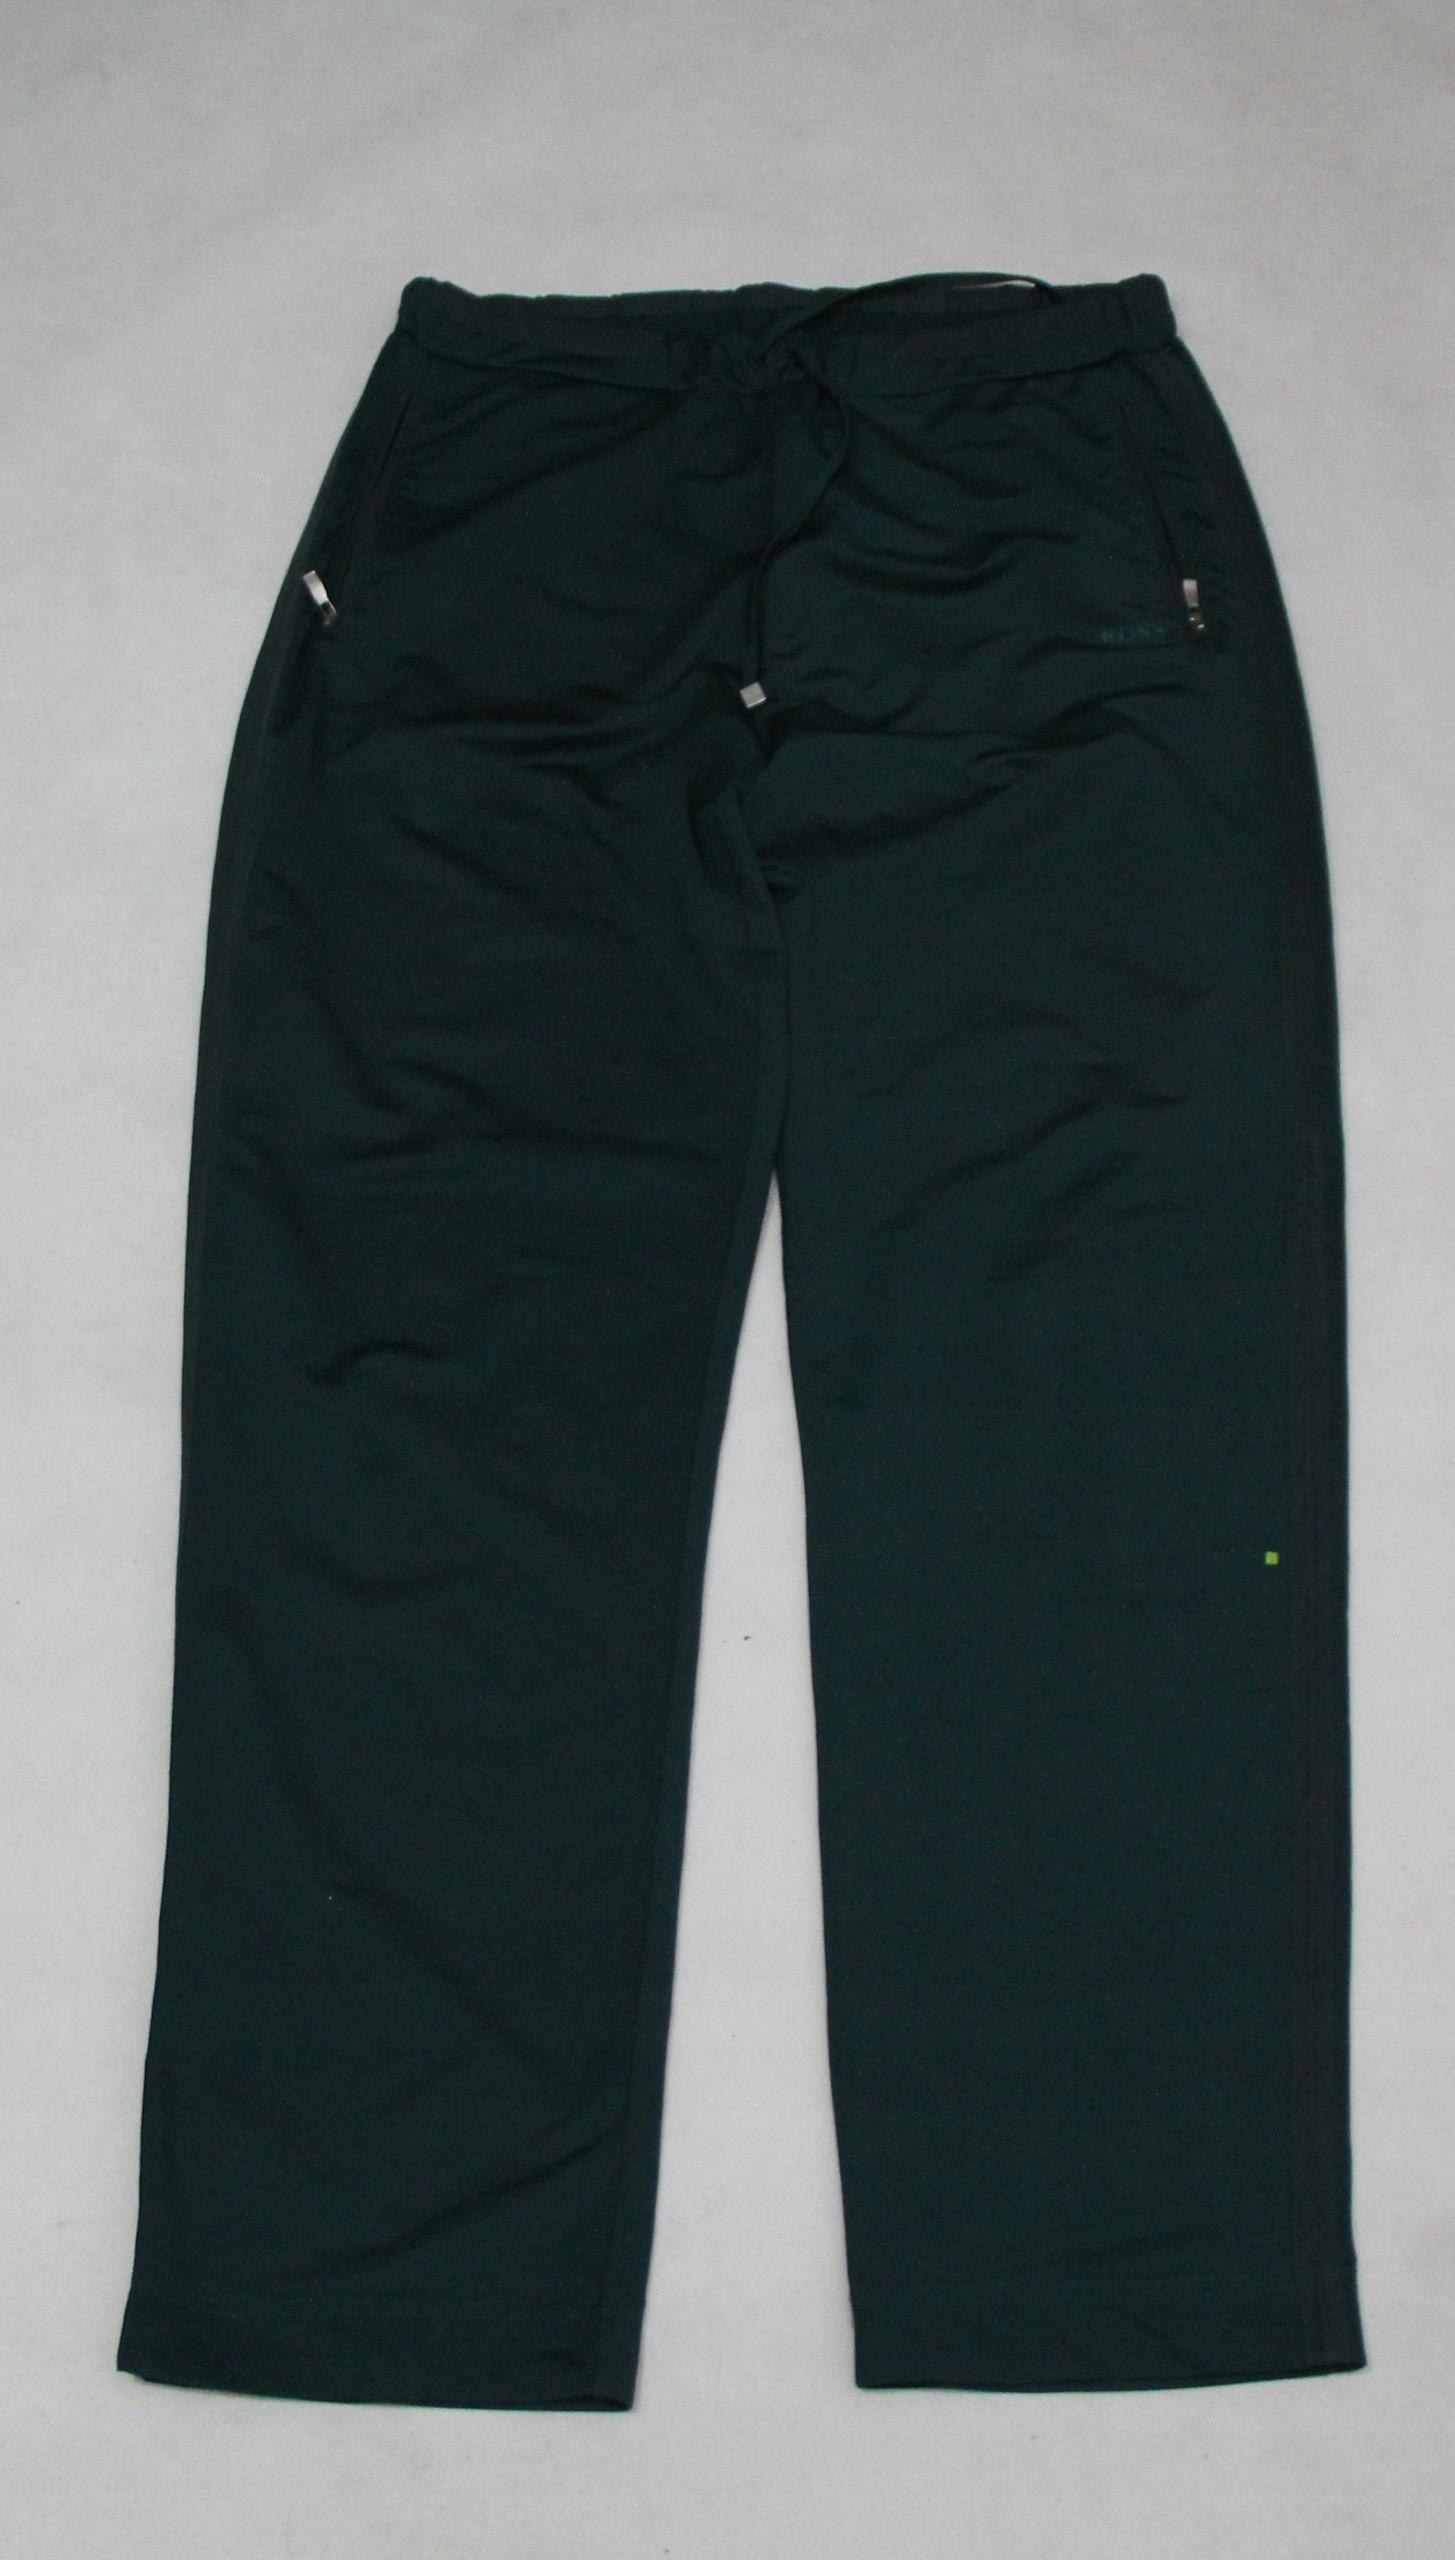 Męskie Spodnie Dresowe HUGO BOSS GREEN __L__